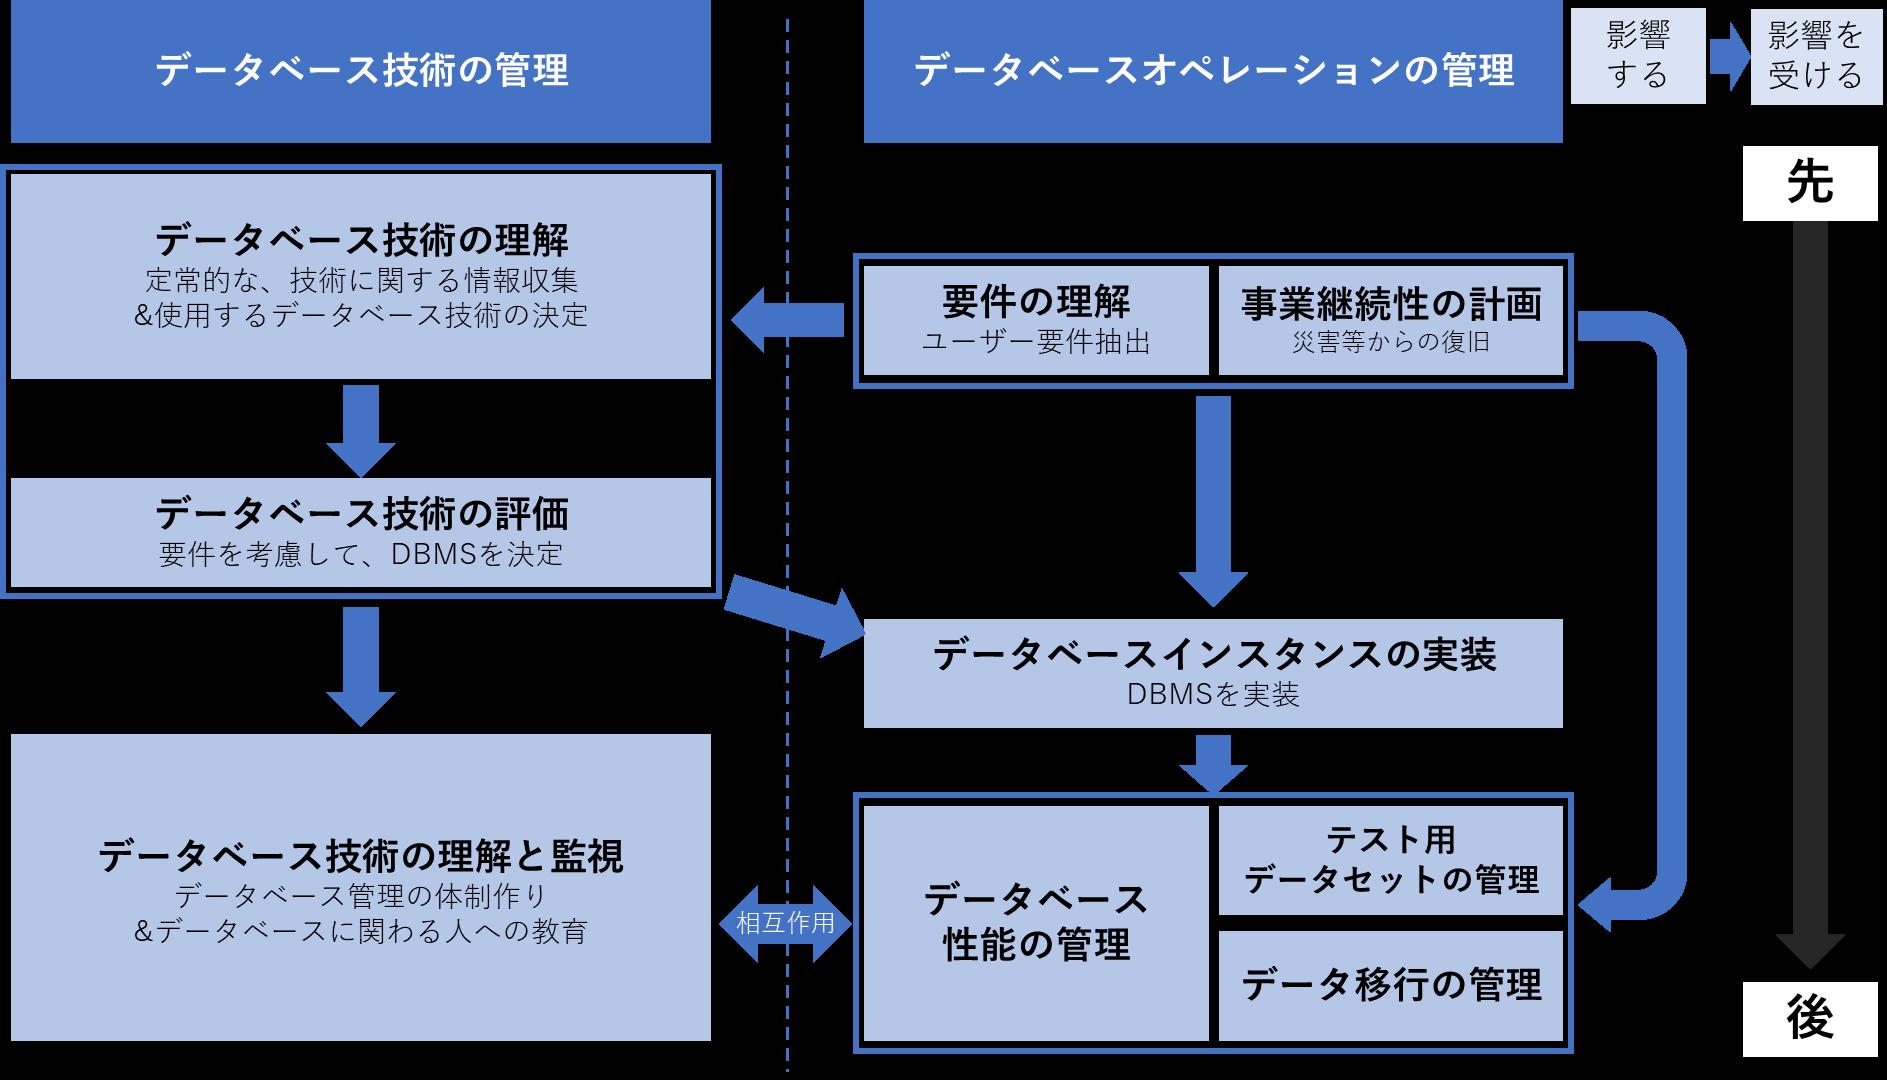 データベース技術の管理、データベースオペレーションの管理